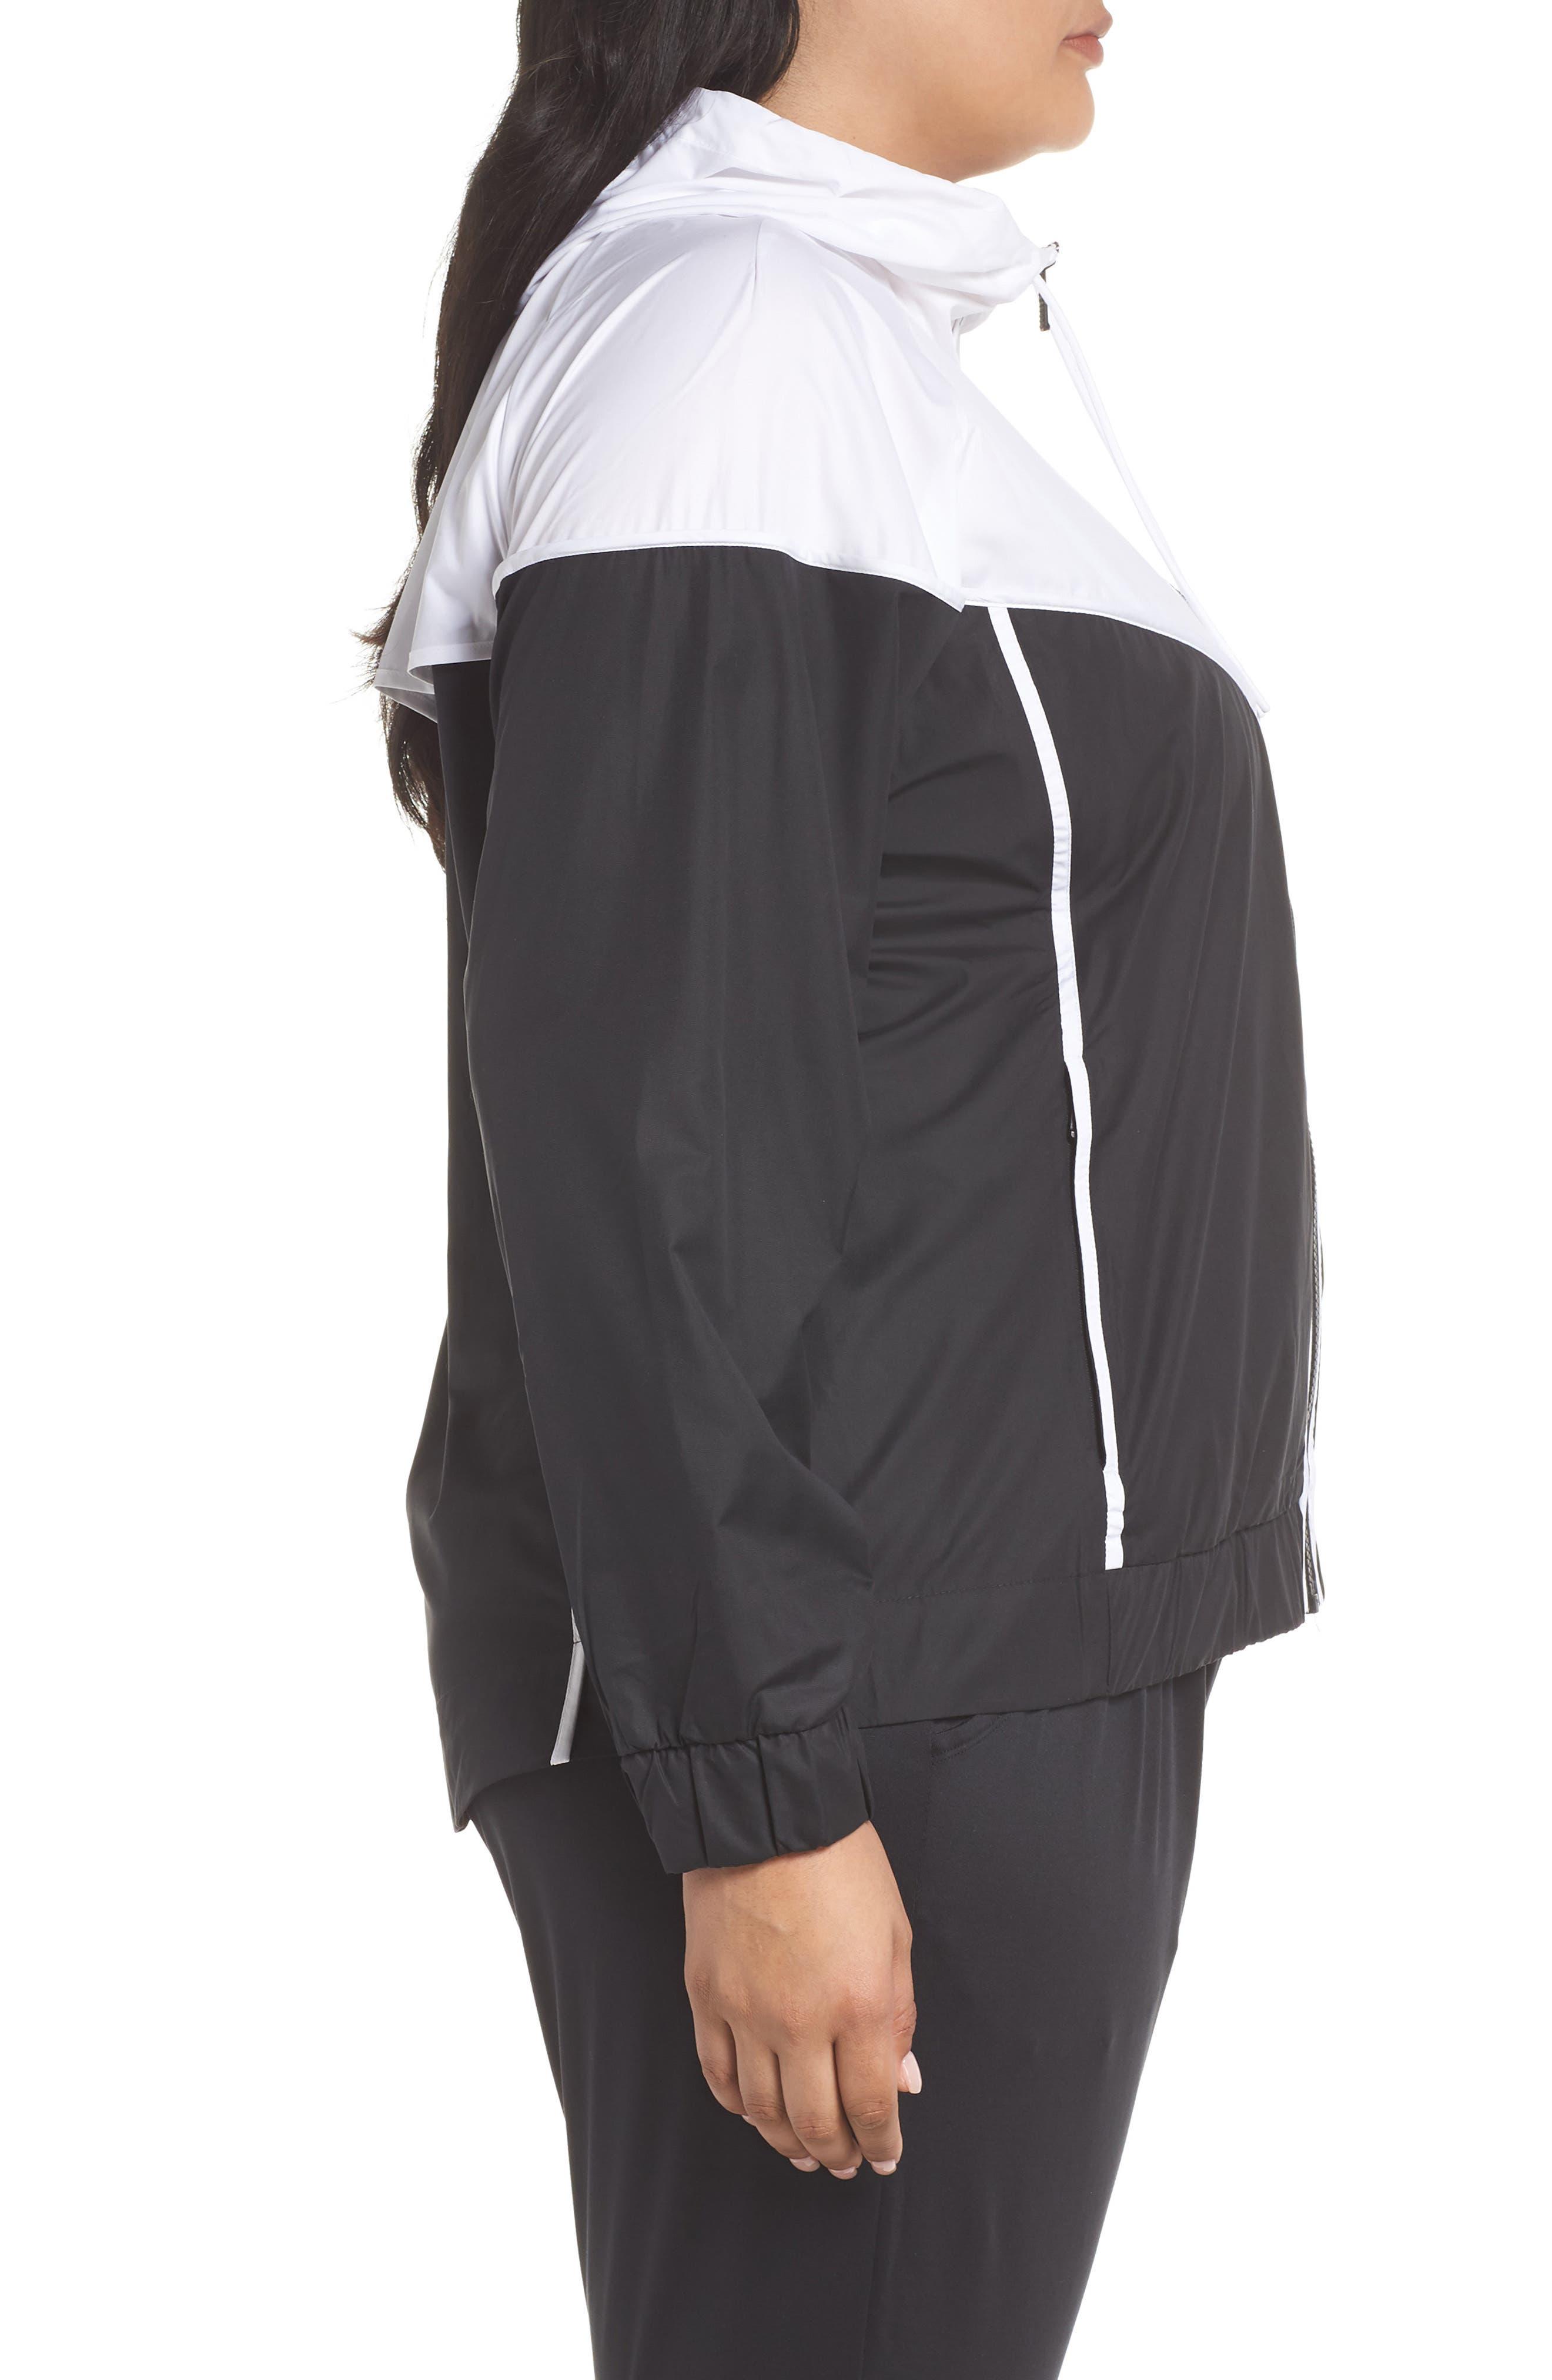 Sportswear Windrunner Jacket,                             Alternate thumbnail 3, color,                             BLACK/ WHITE/ BLACK